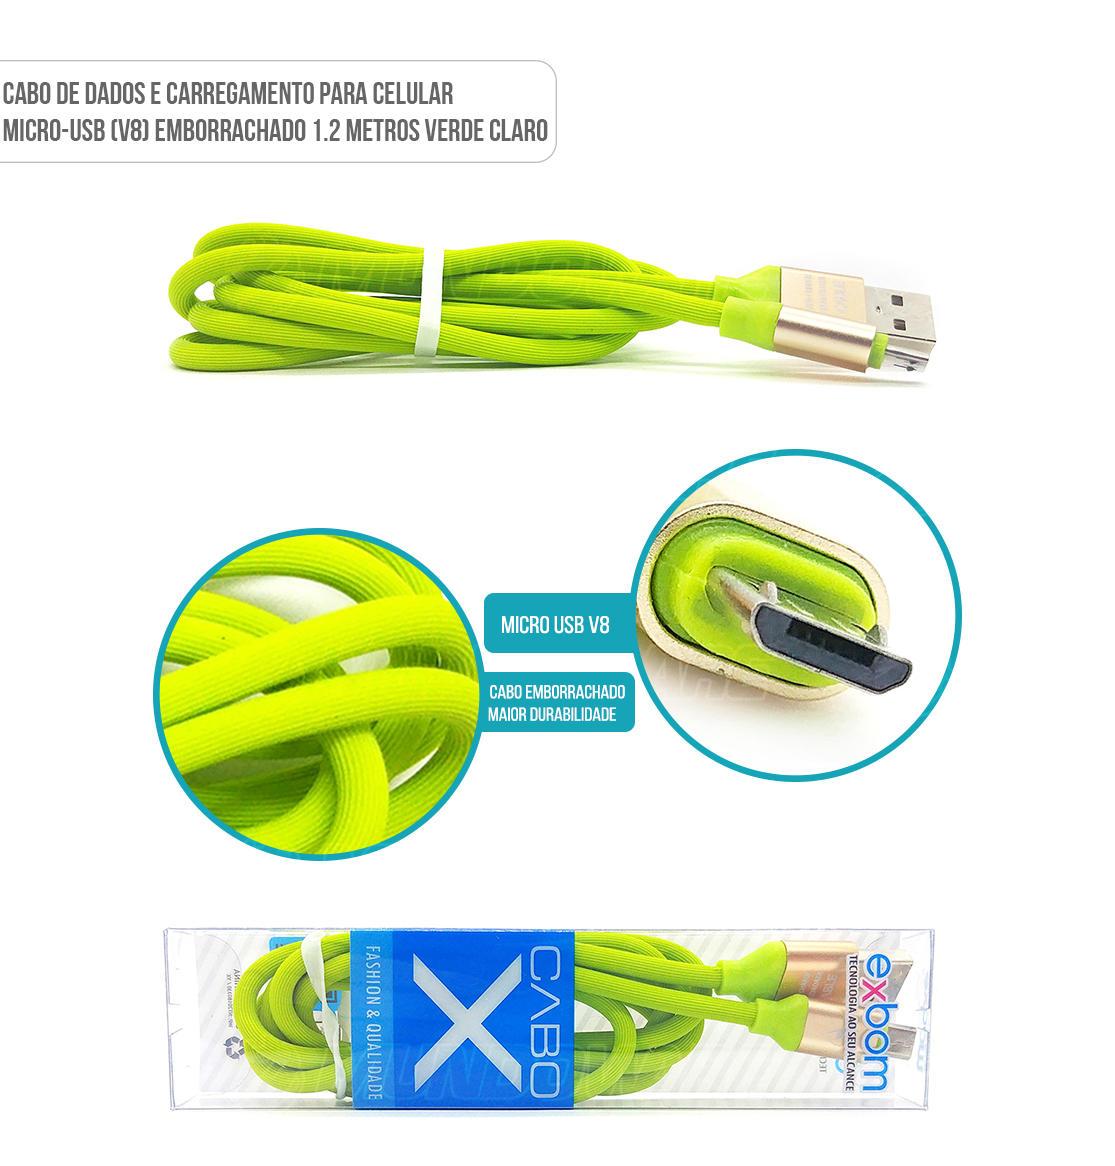 Cabo de dados para celular micro usb v8 emborrachado cor Verde Claro